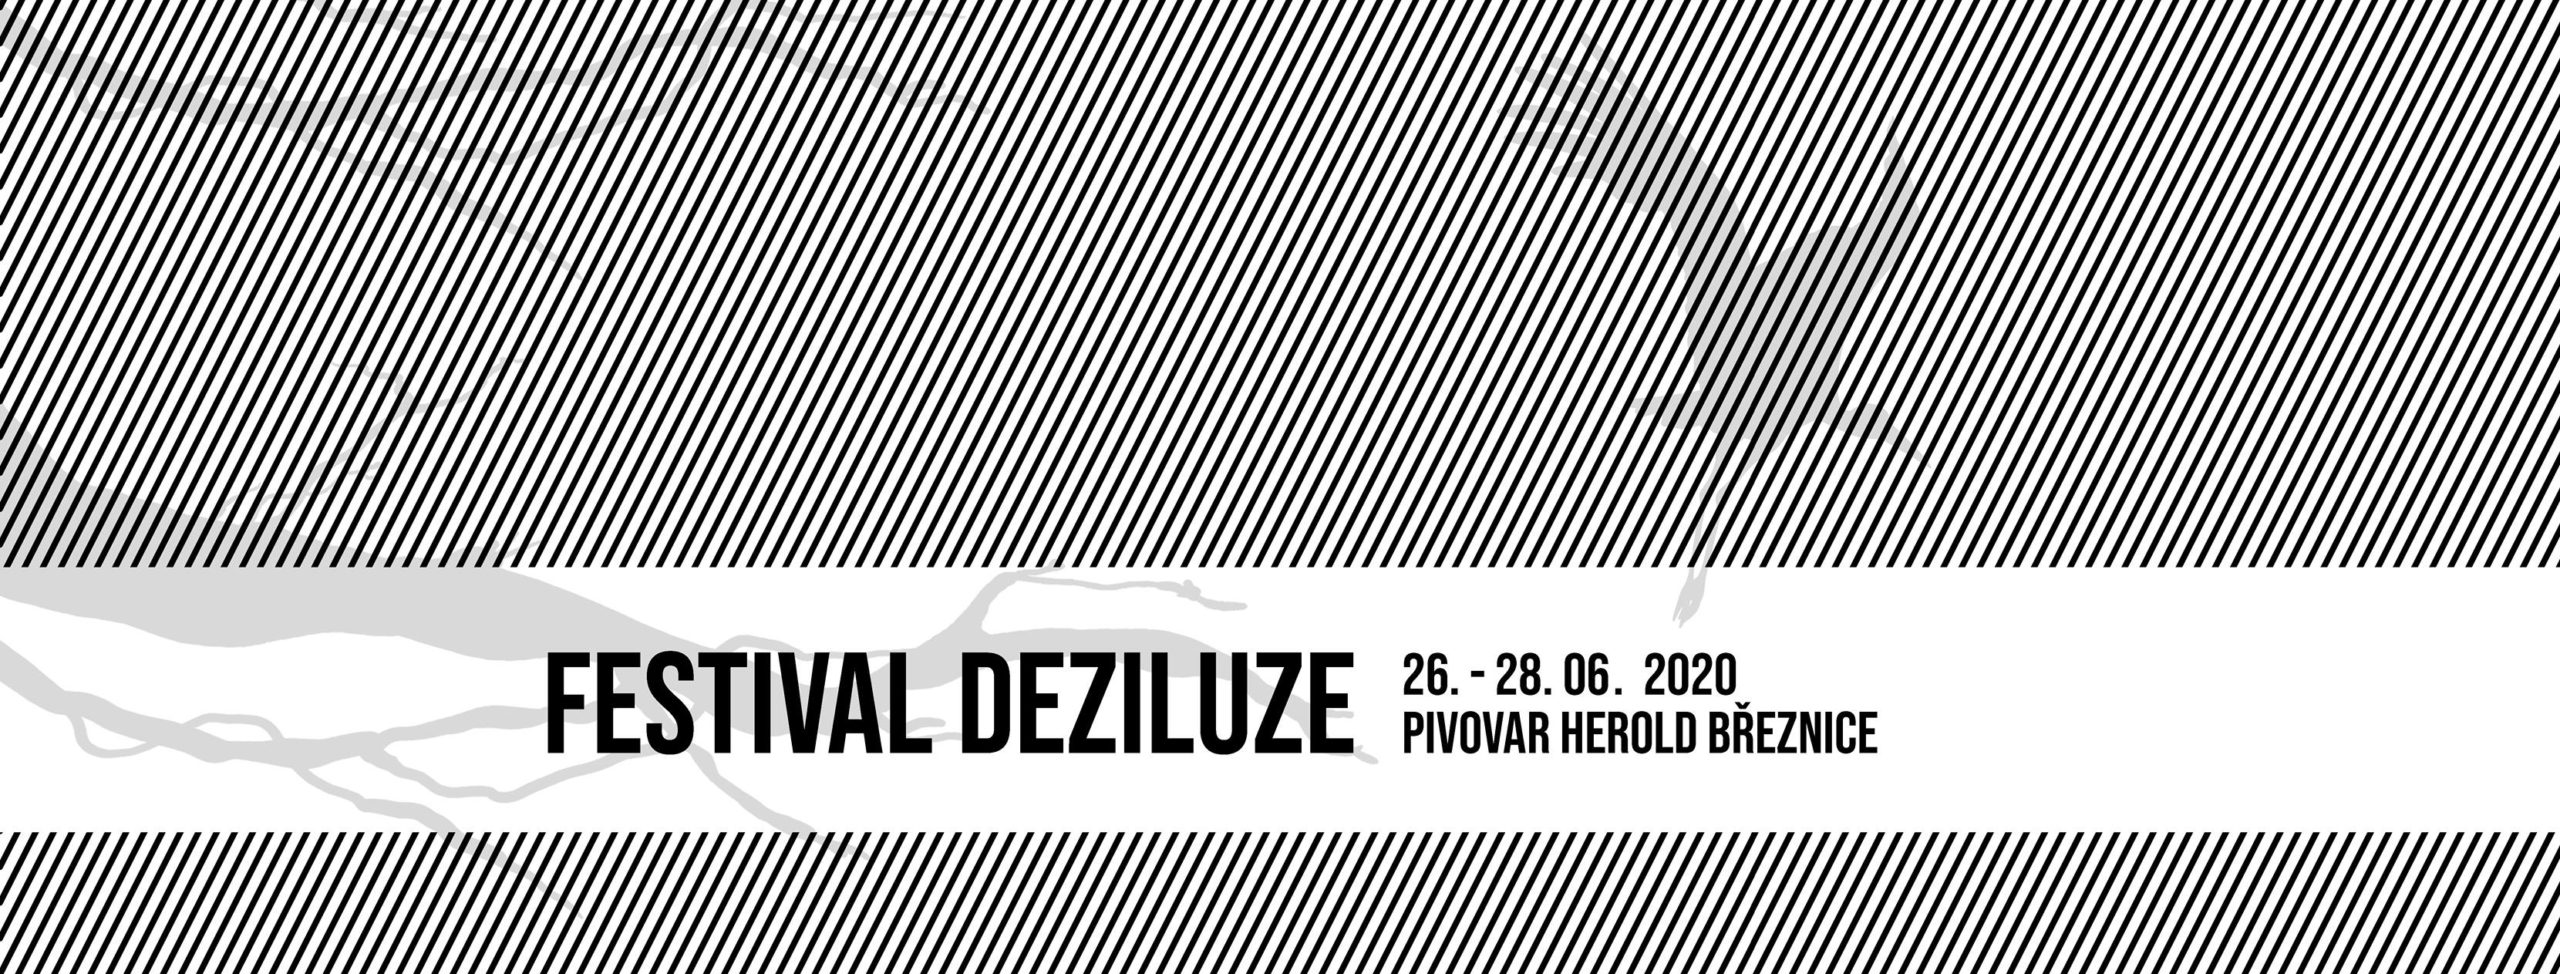 pivovary-pivni-akce-festival-deziluze-breznice-2020